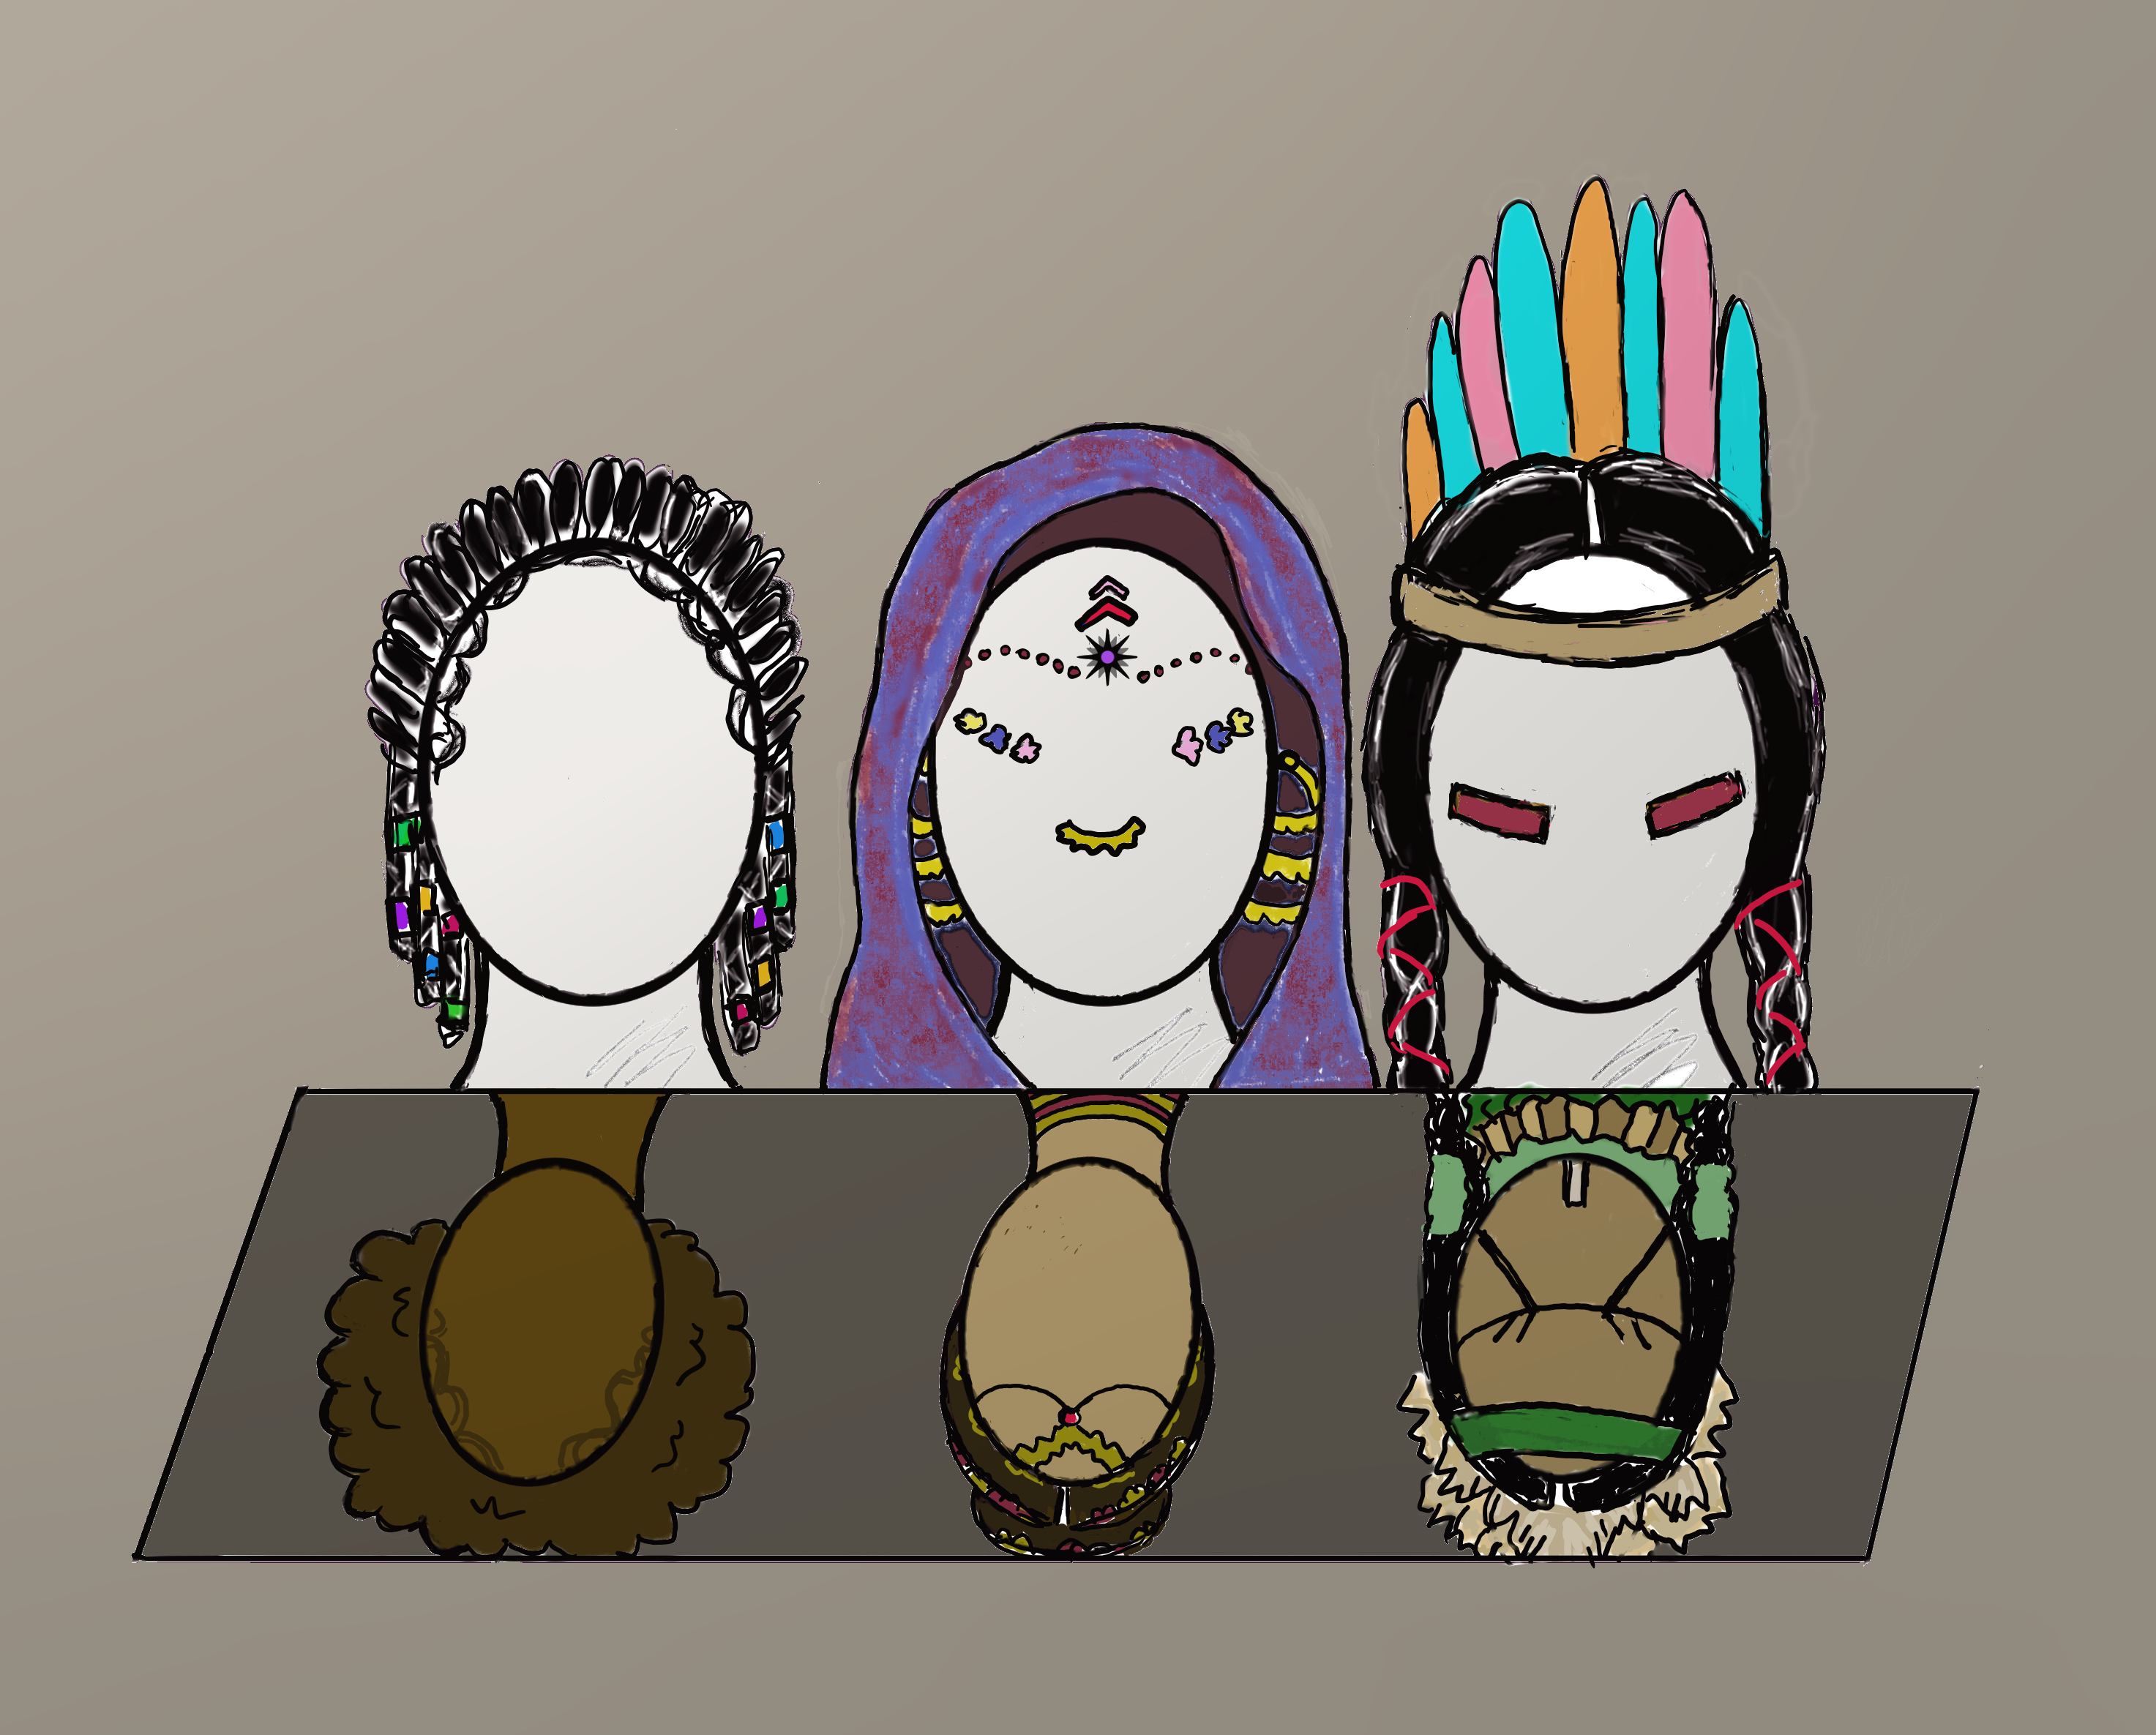 Illustration by Jasmynne Flores.